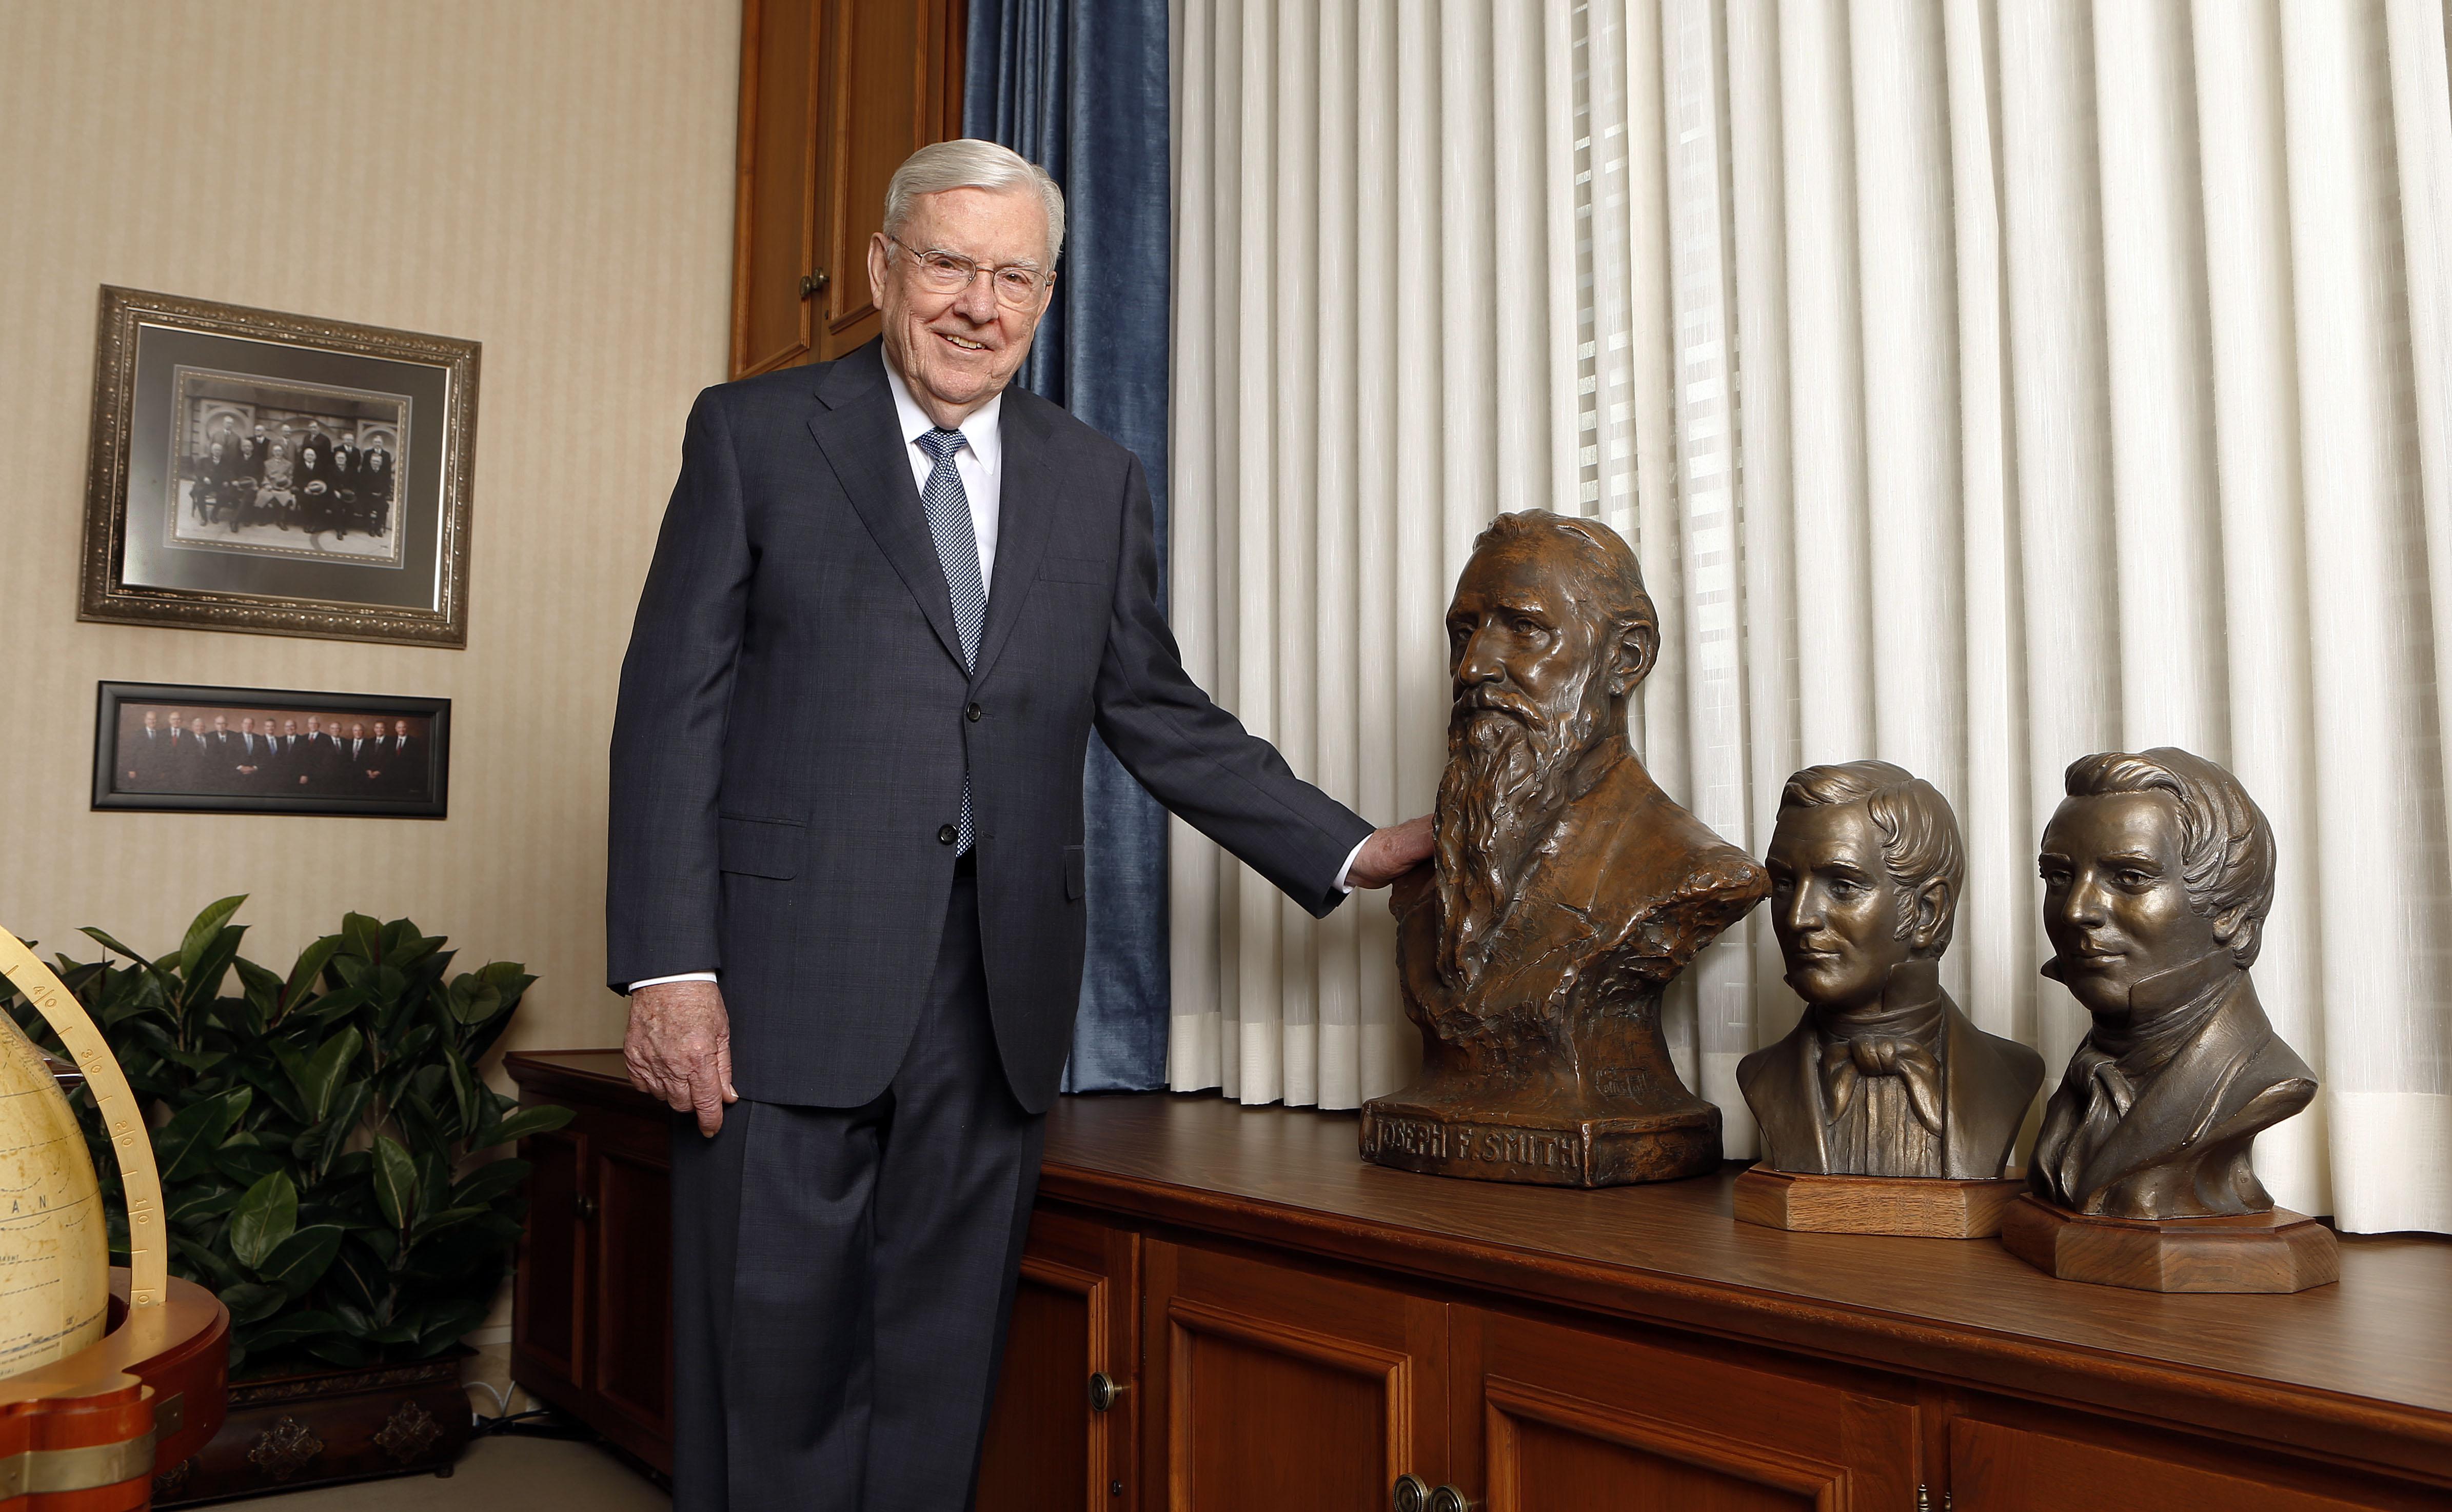 O presidente M. Russell Ballard, presidente interino do Quórum dos Doze Apóstolos de A Igreja de Jesus Cristo dos Santos dos últimos dias, posa para uma foto em seu escritório em Salt Lake City na terça-feira, 13 de março de 2018.